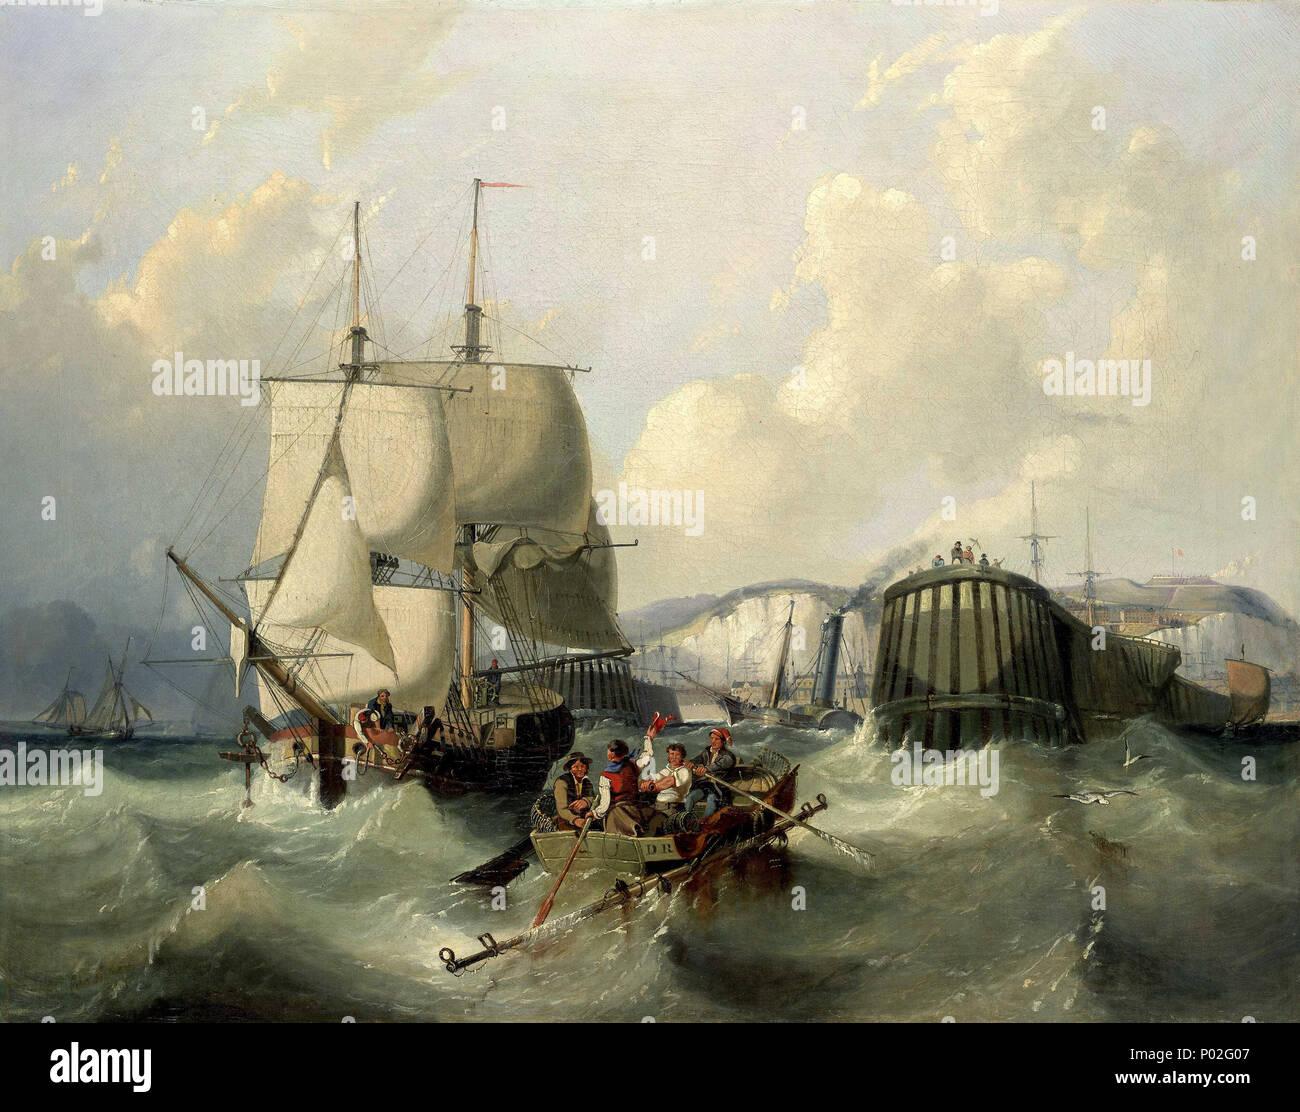 Surréaliste Anglais : UN Brig laissant Dover Ce tableau présente une vue de JV-51